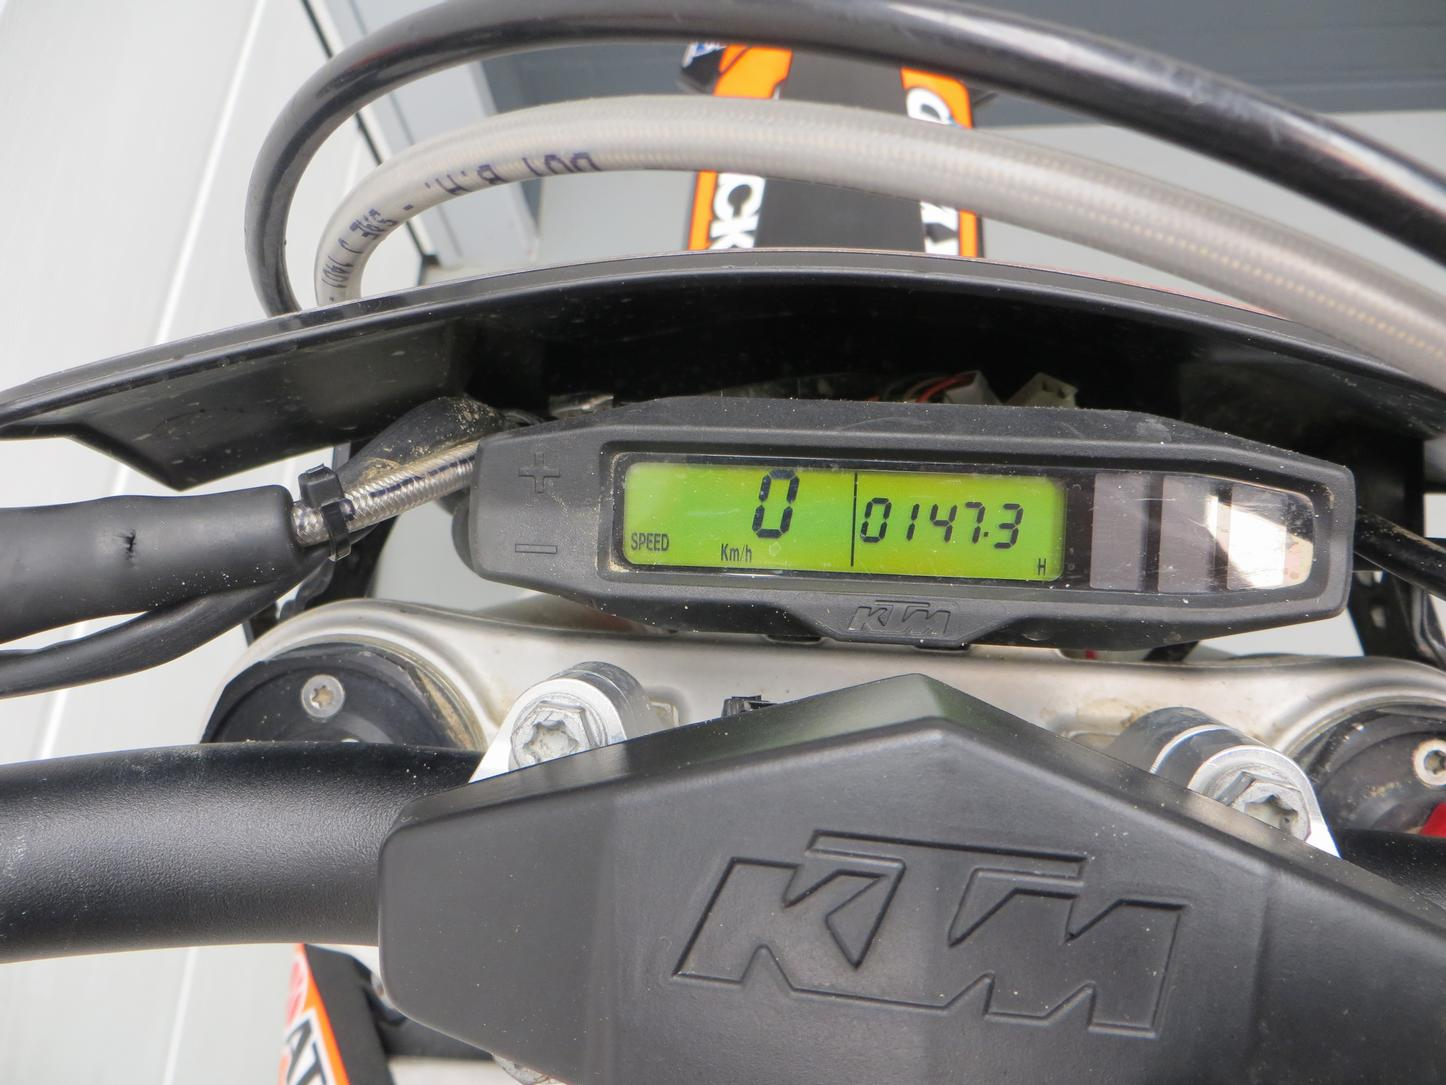 KTM - 450 EXC